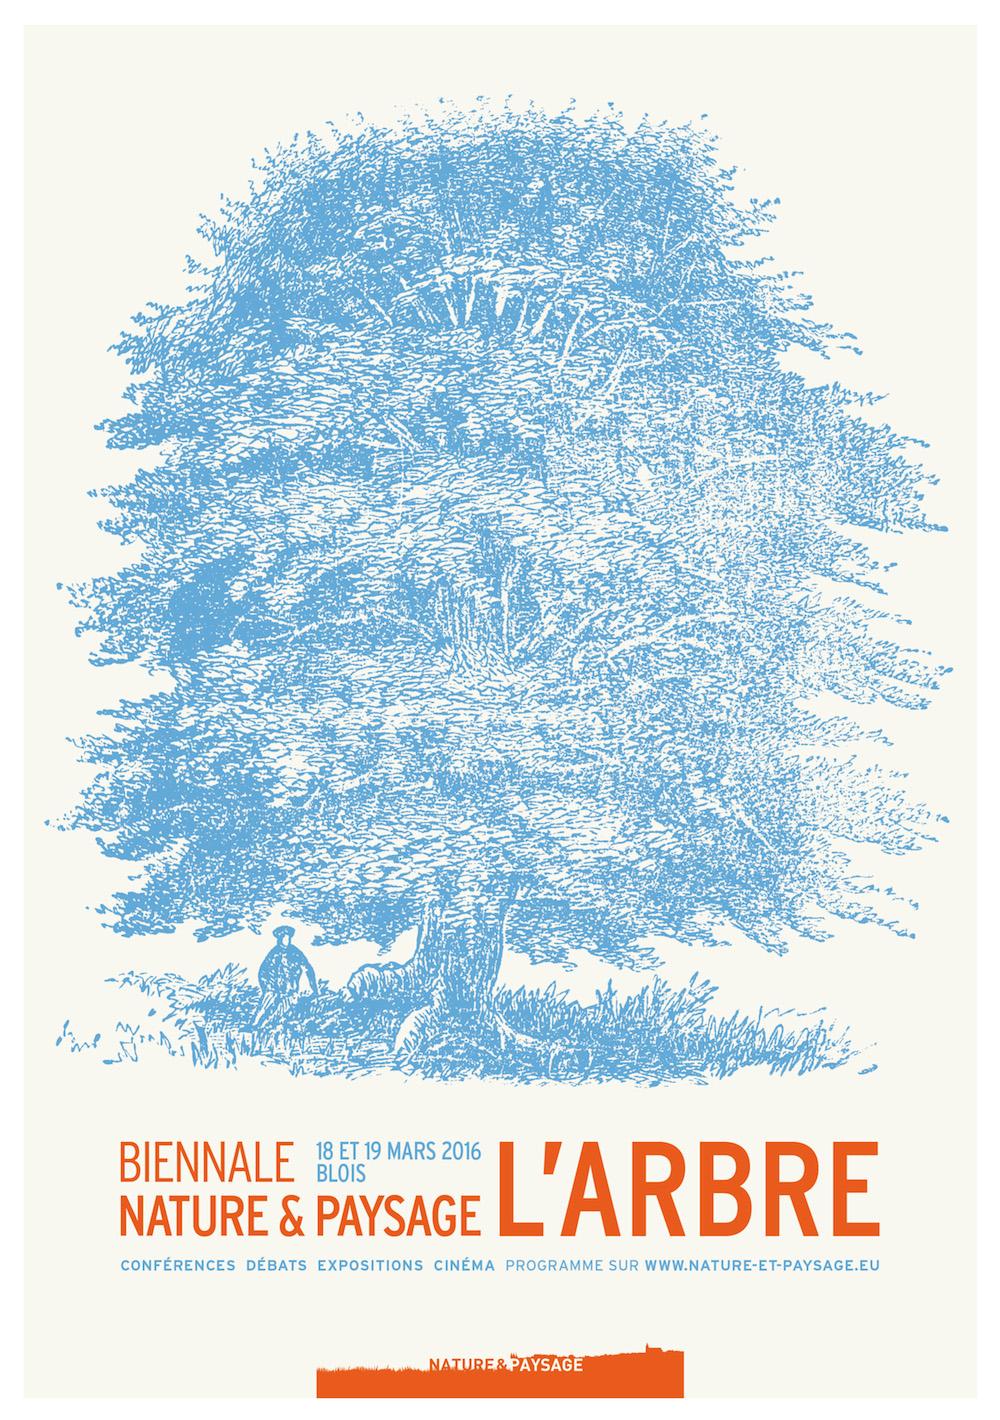 affiche de la biennale nature et paysages 2016